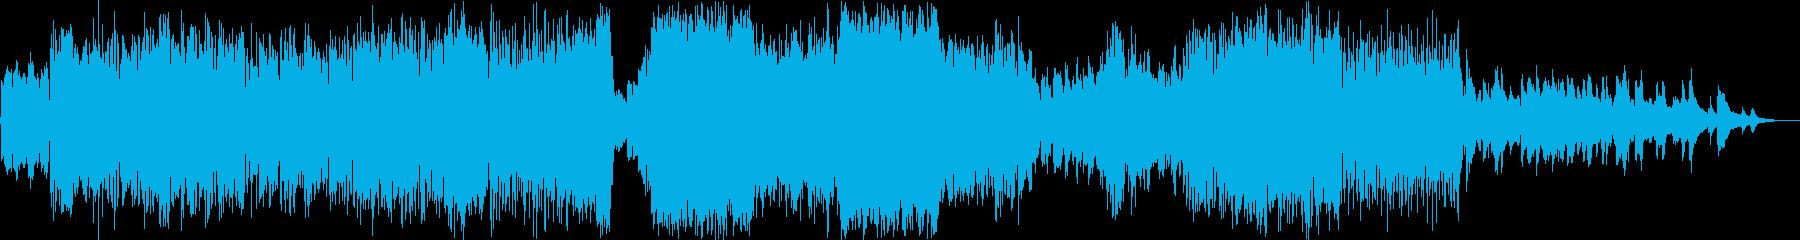 アイリッシュ ケルトの再生済みの波形